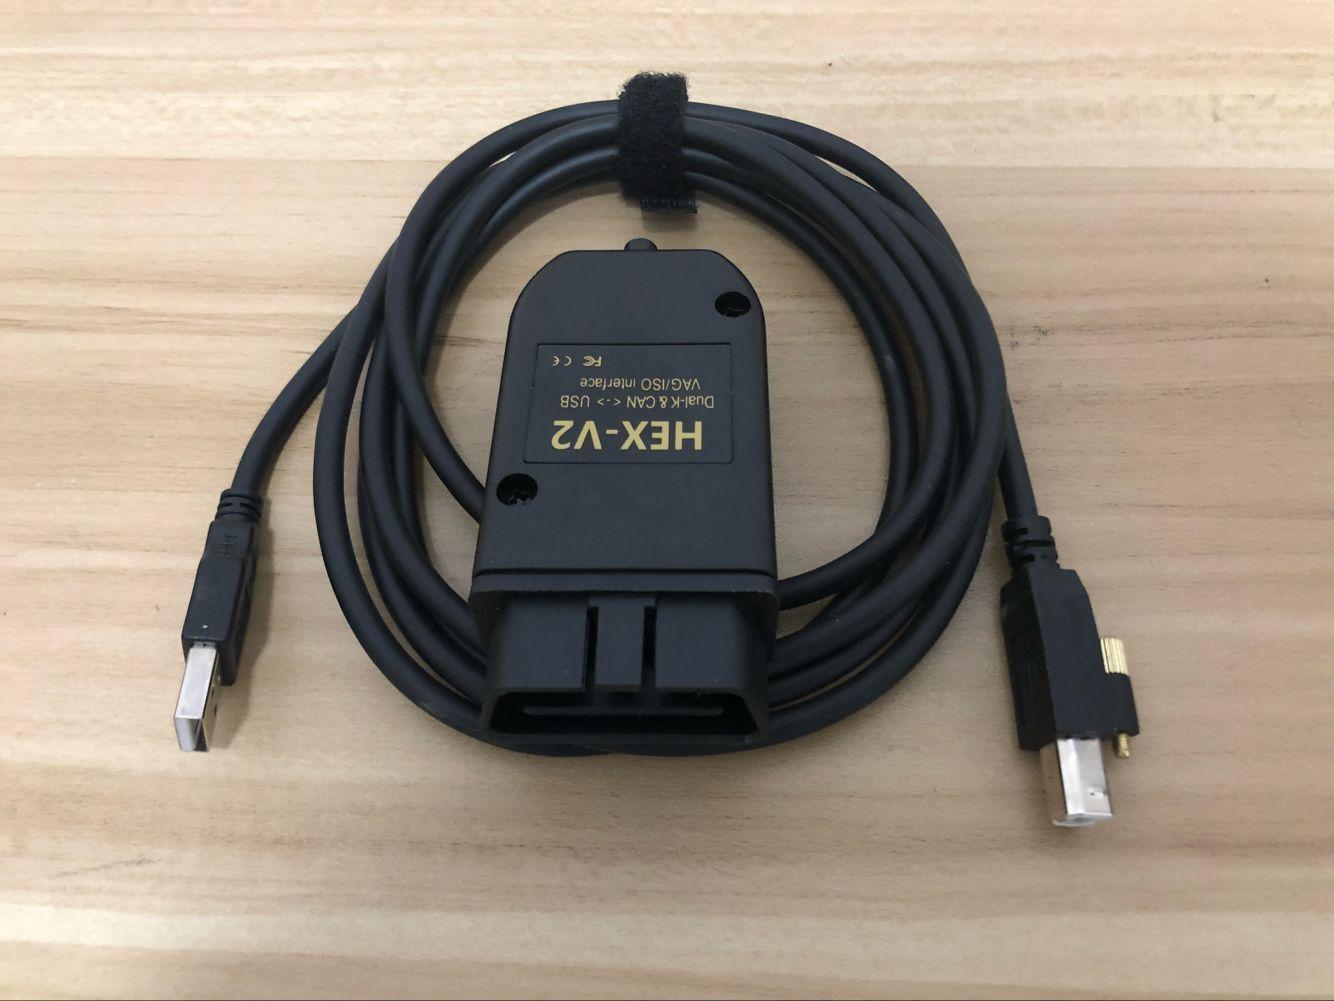 Best VCDS VAG COM 18 2 HEX v2 VW Audi diagnostic and coding